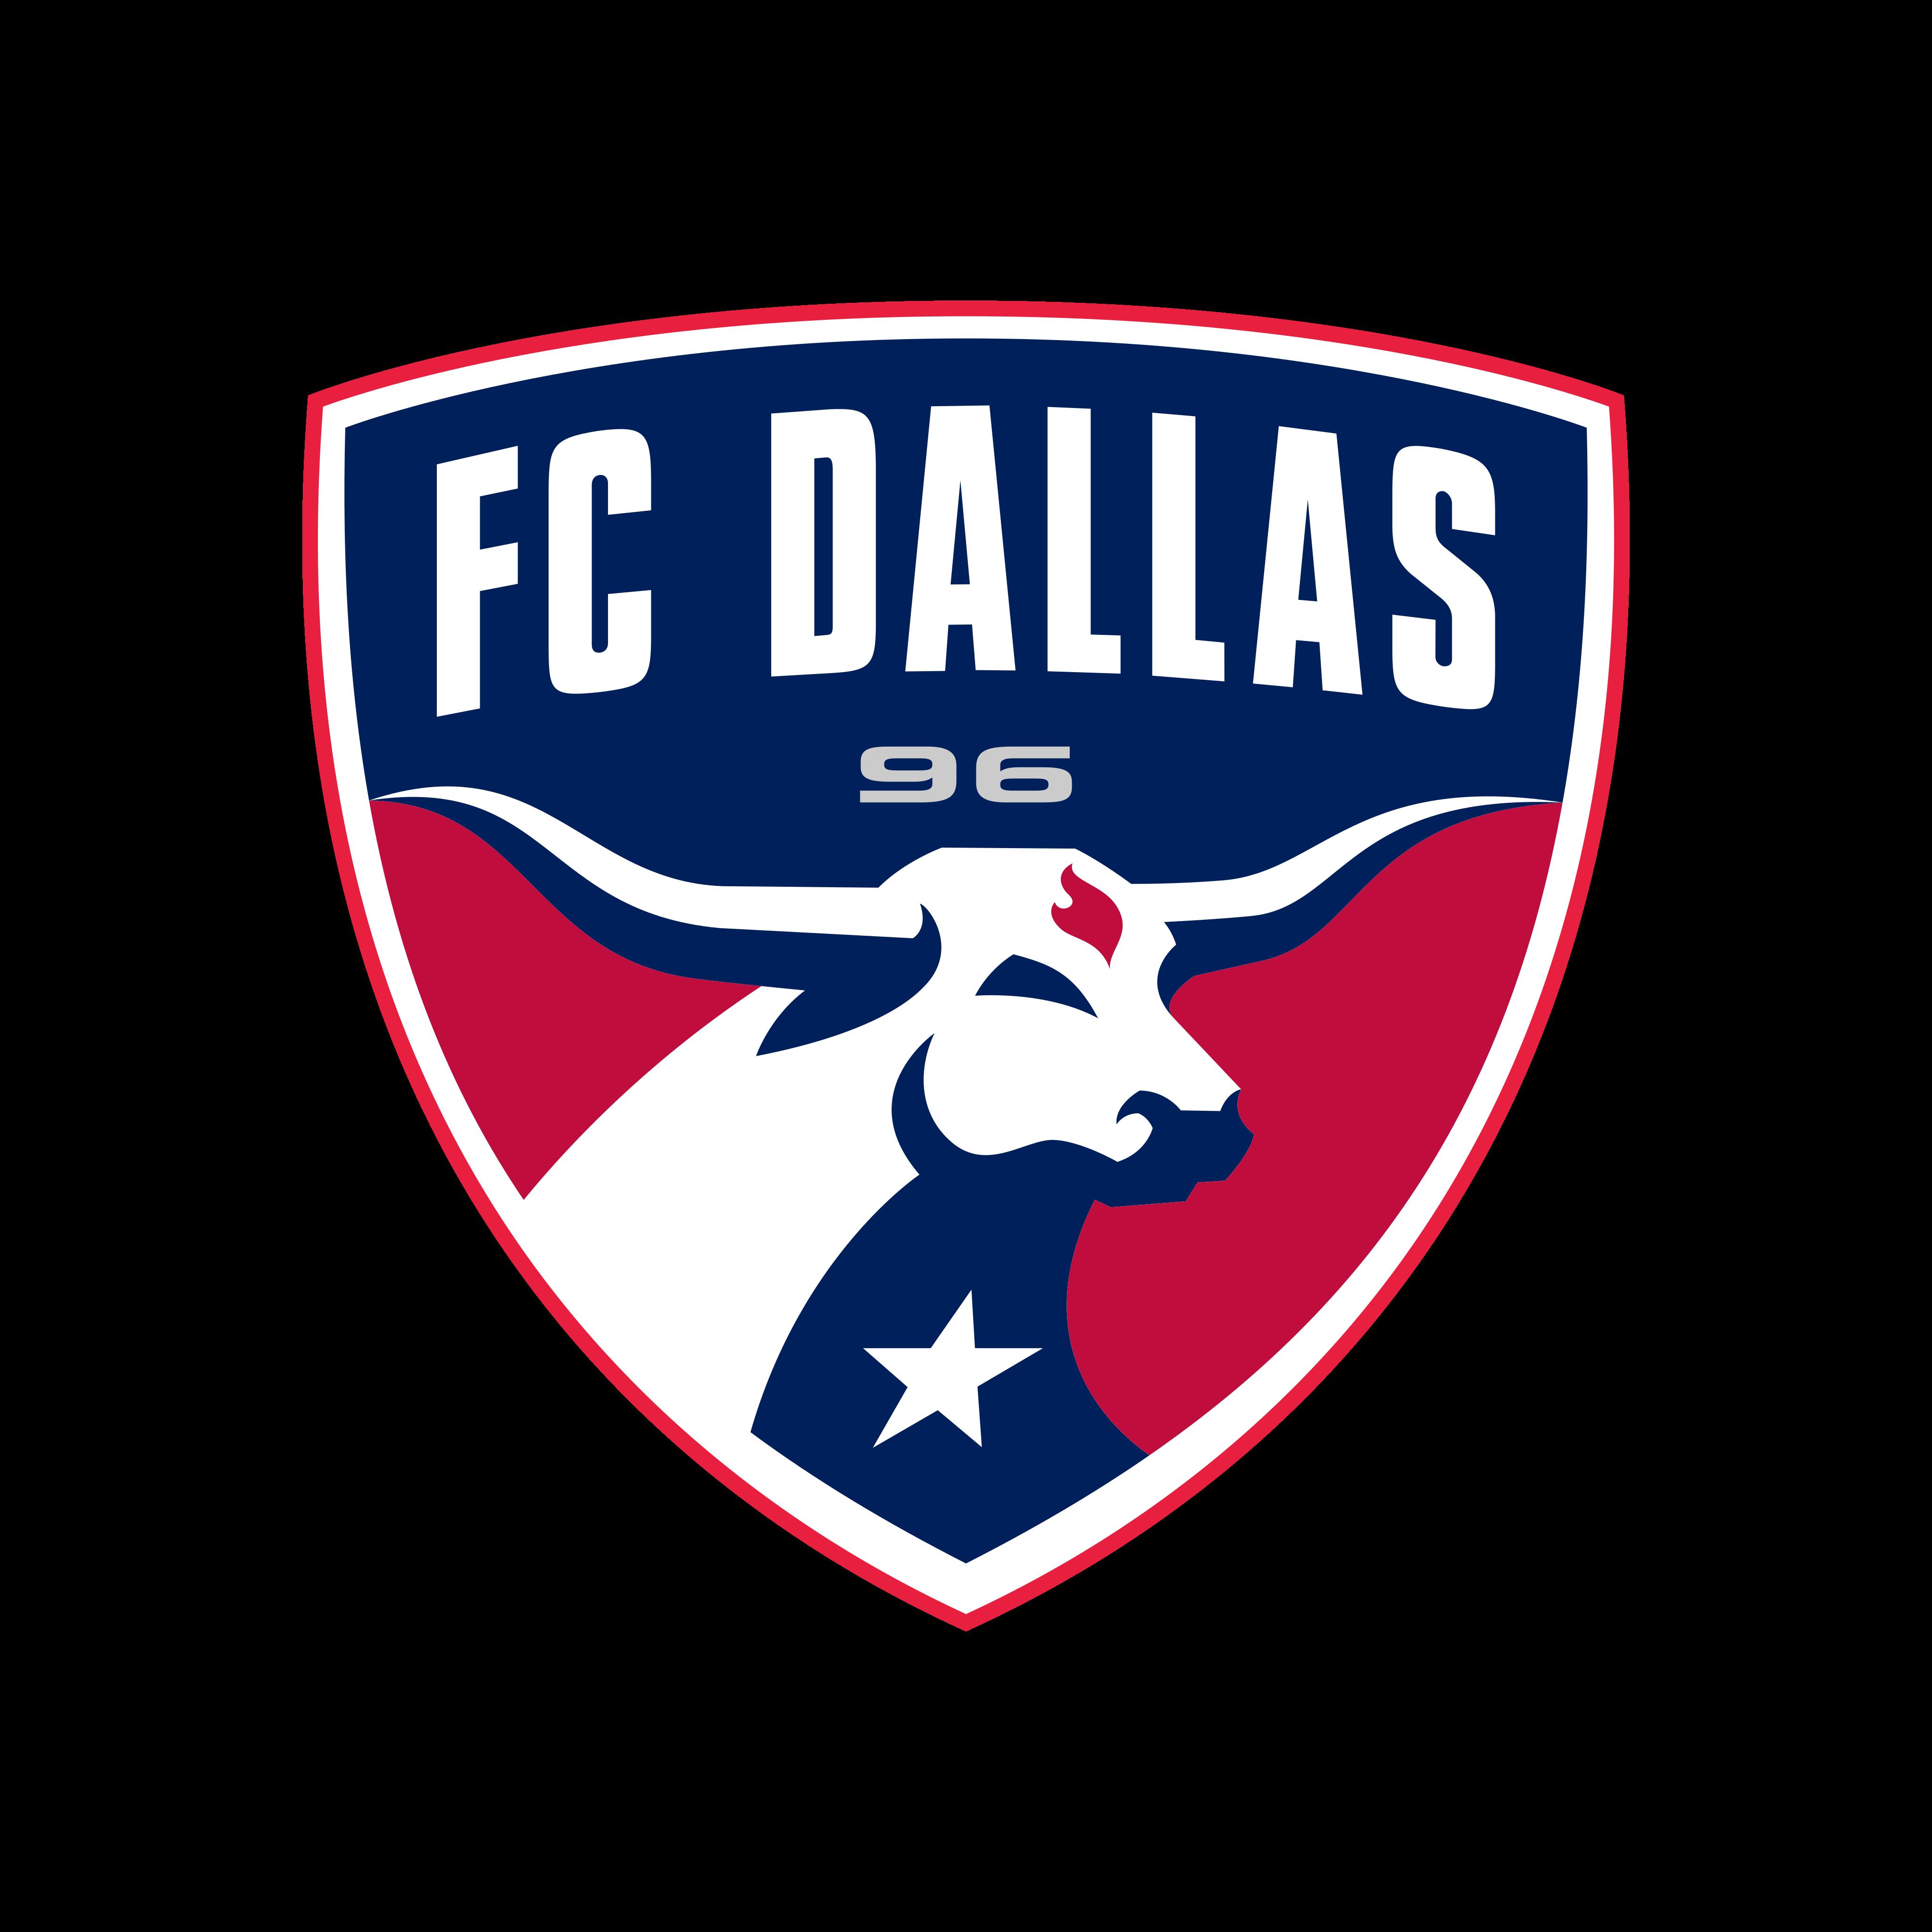 fc dallas logo 0 - FC Dallas Logo